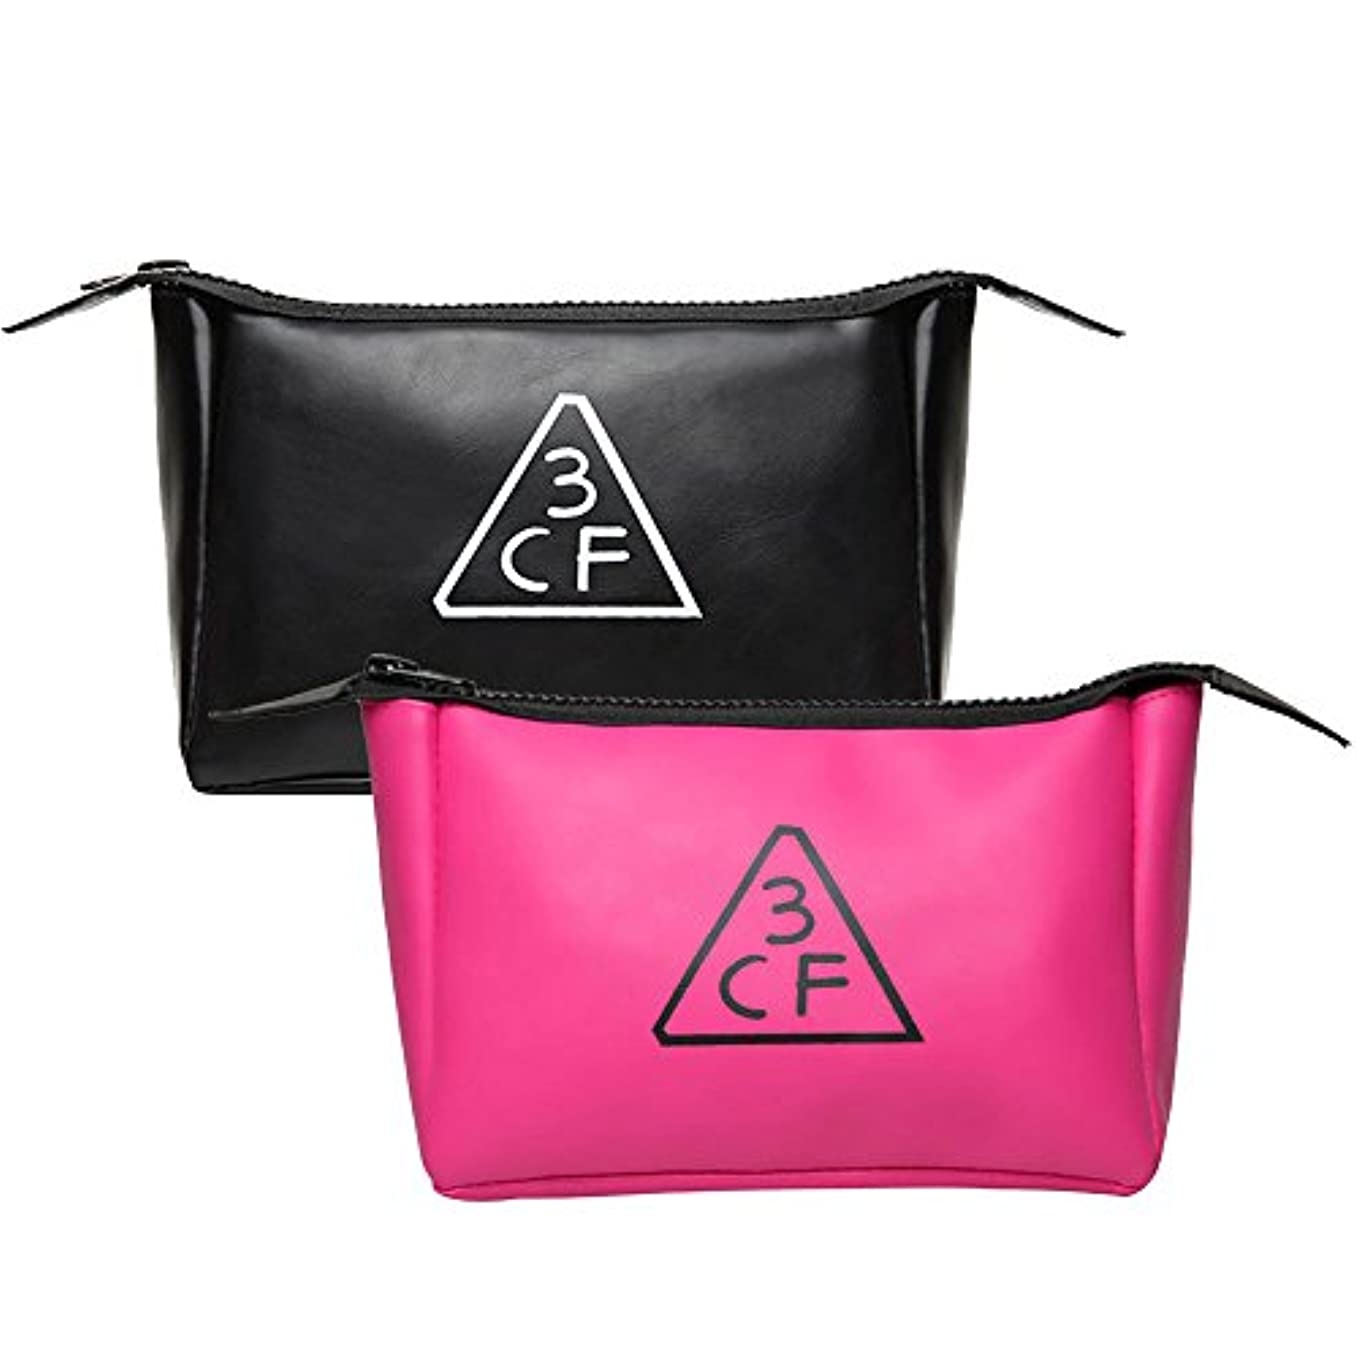 膨張するフラスコ説得韓国コスメ 化粧ポーチ レディース PINK Style 人気 コスメポーチ スタイルナンダ ポーチ 大容量 かわいい ピンク 小さい ブランド 黒